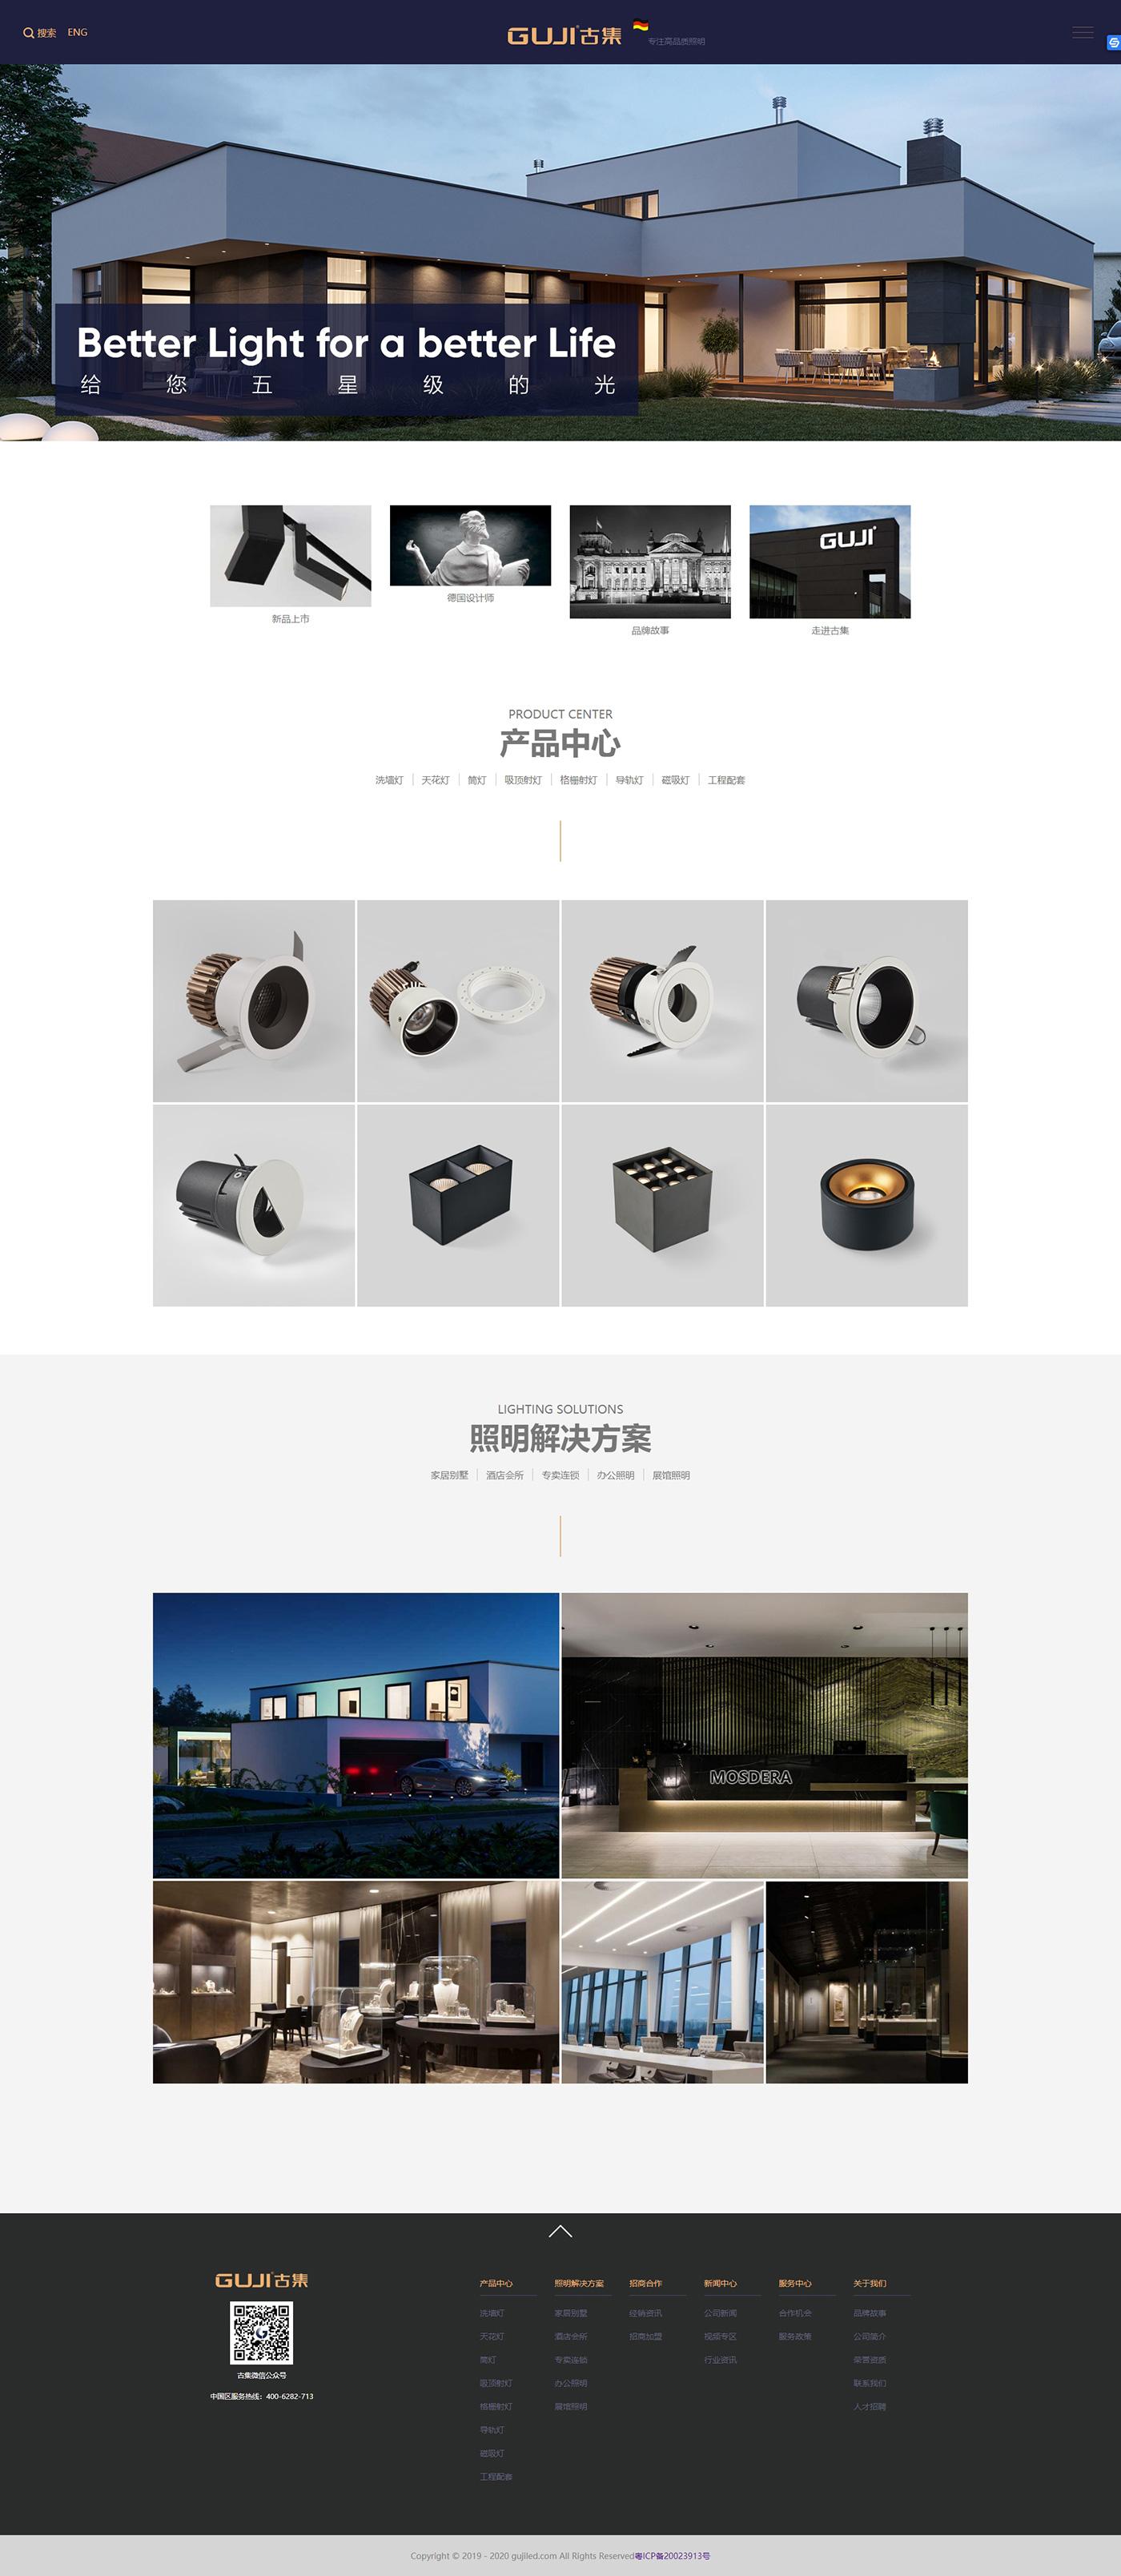 GUJI古集照明网站建设效果图